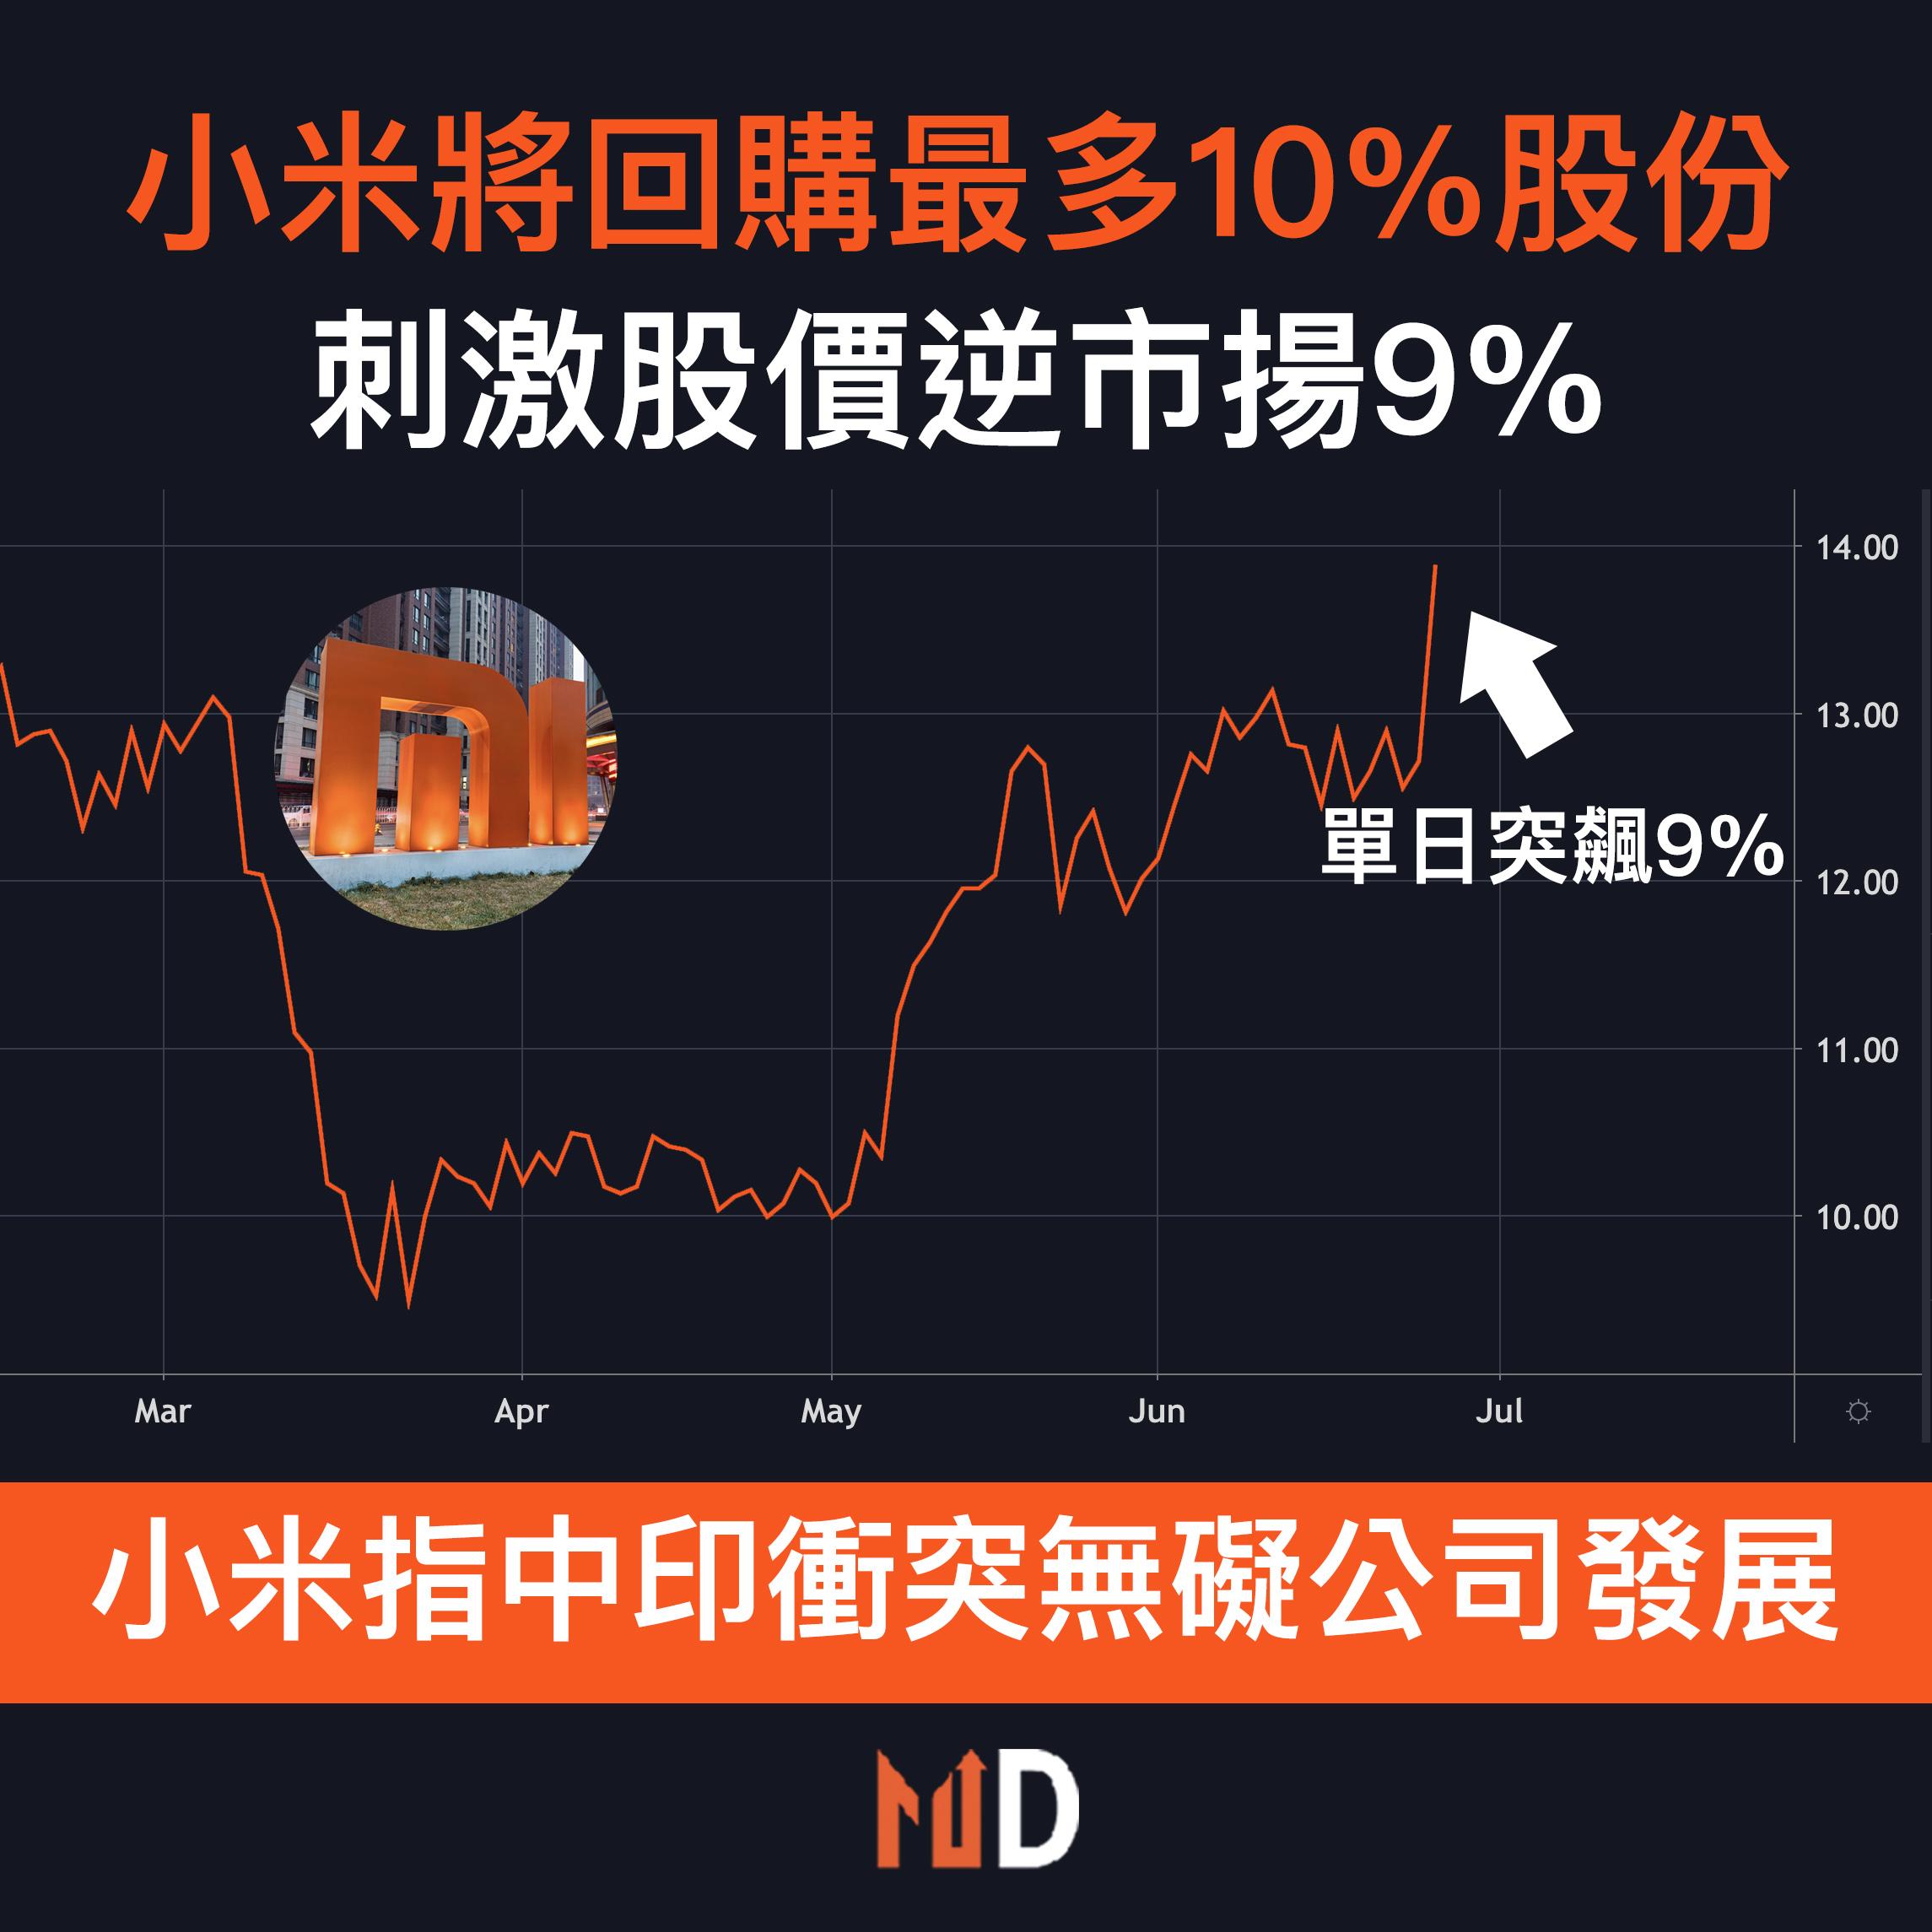 【#市場熱話】小米將回購最多10%股份,刺激股價逆市揚9%